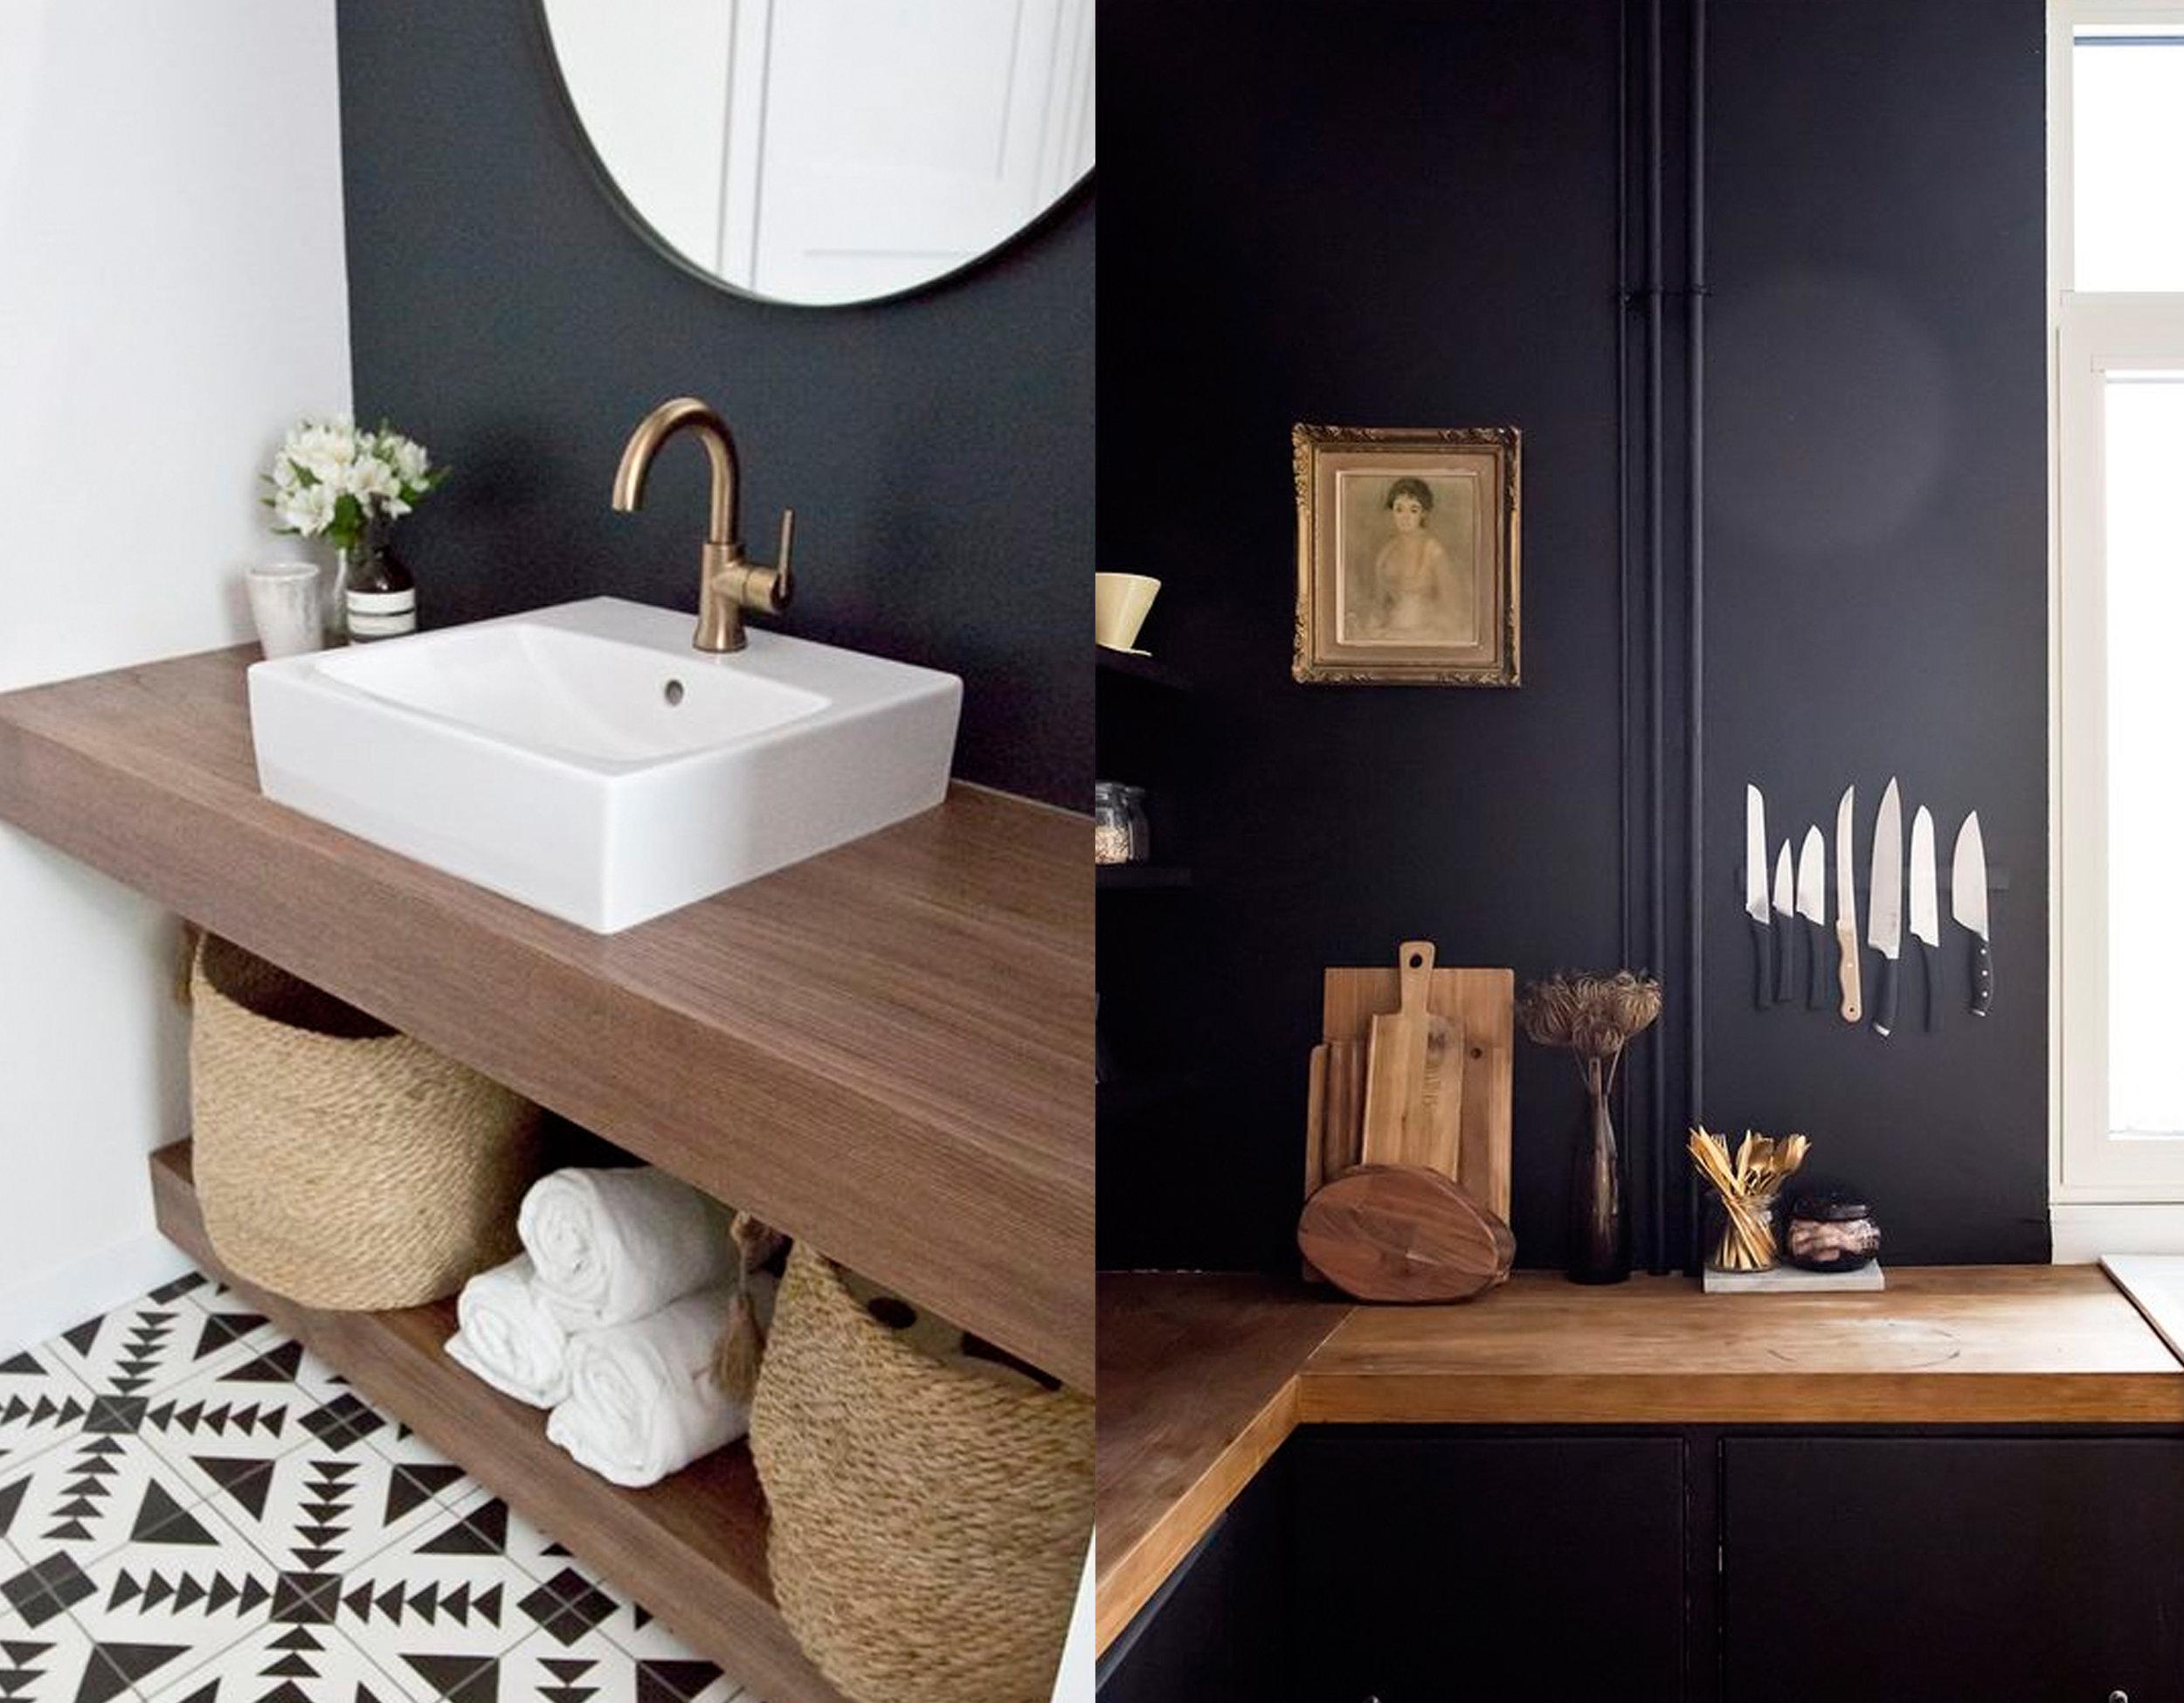 bathroom via  Kristina Lynne  - kitchen via  Pinterest